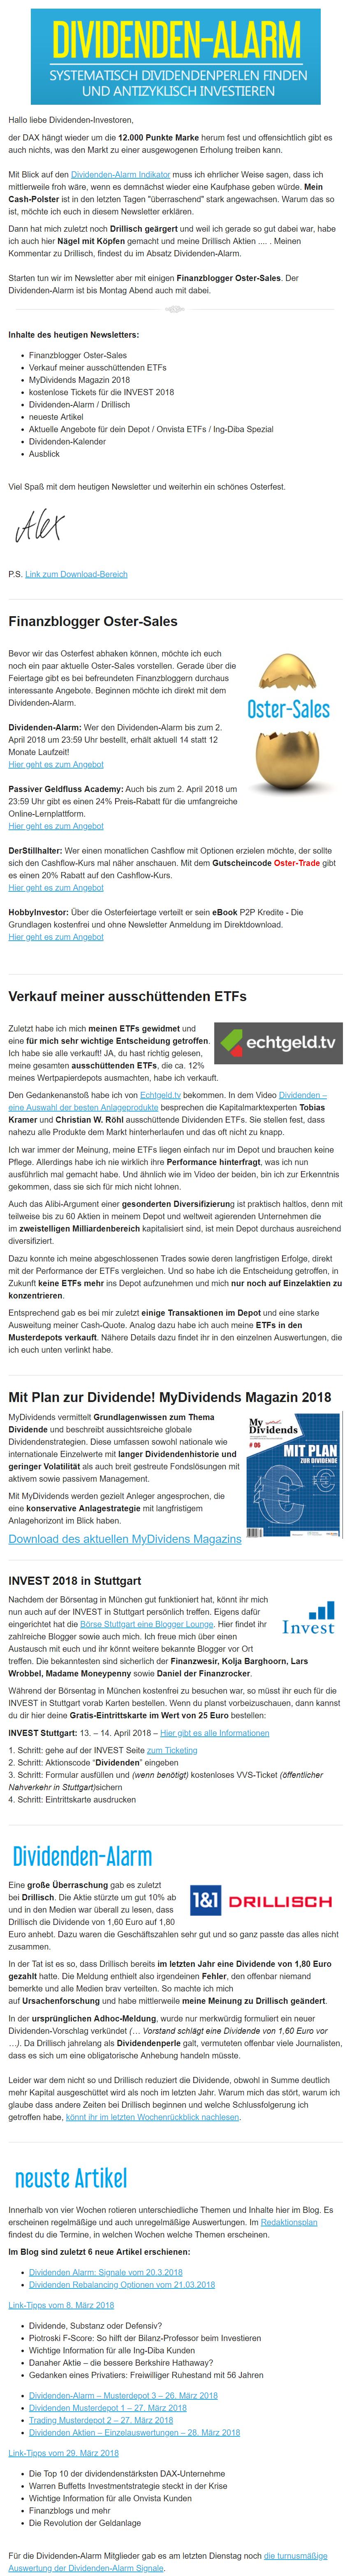 Dividenden-Alarm Newsletter Beispiel